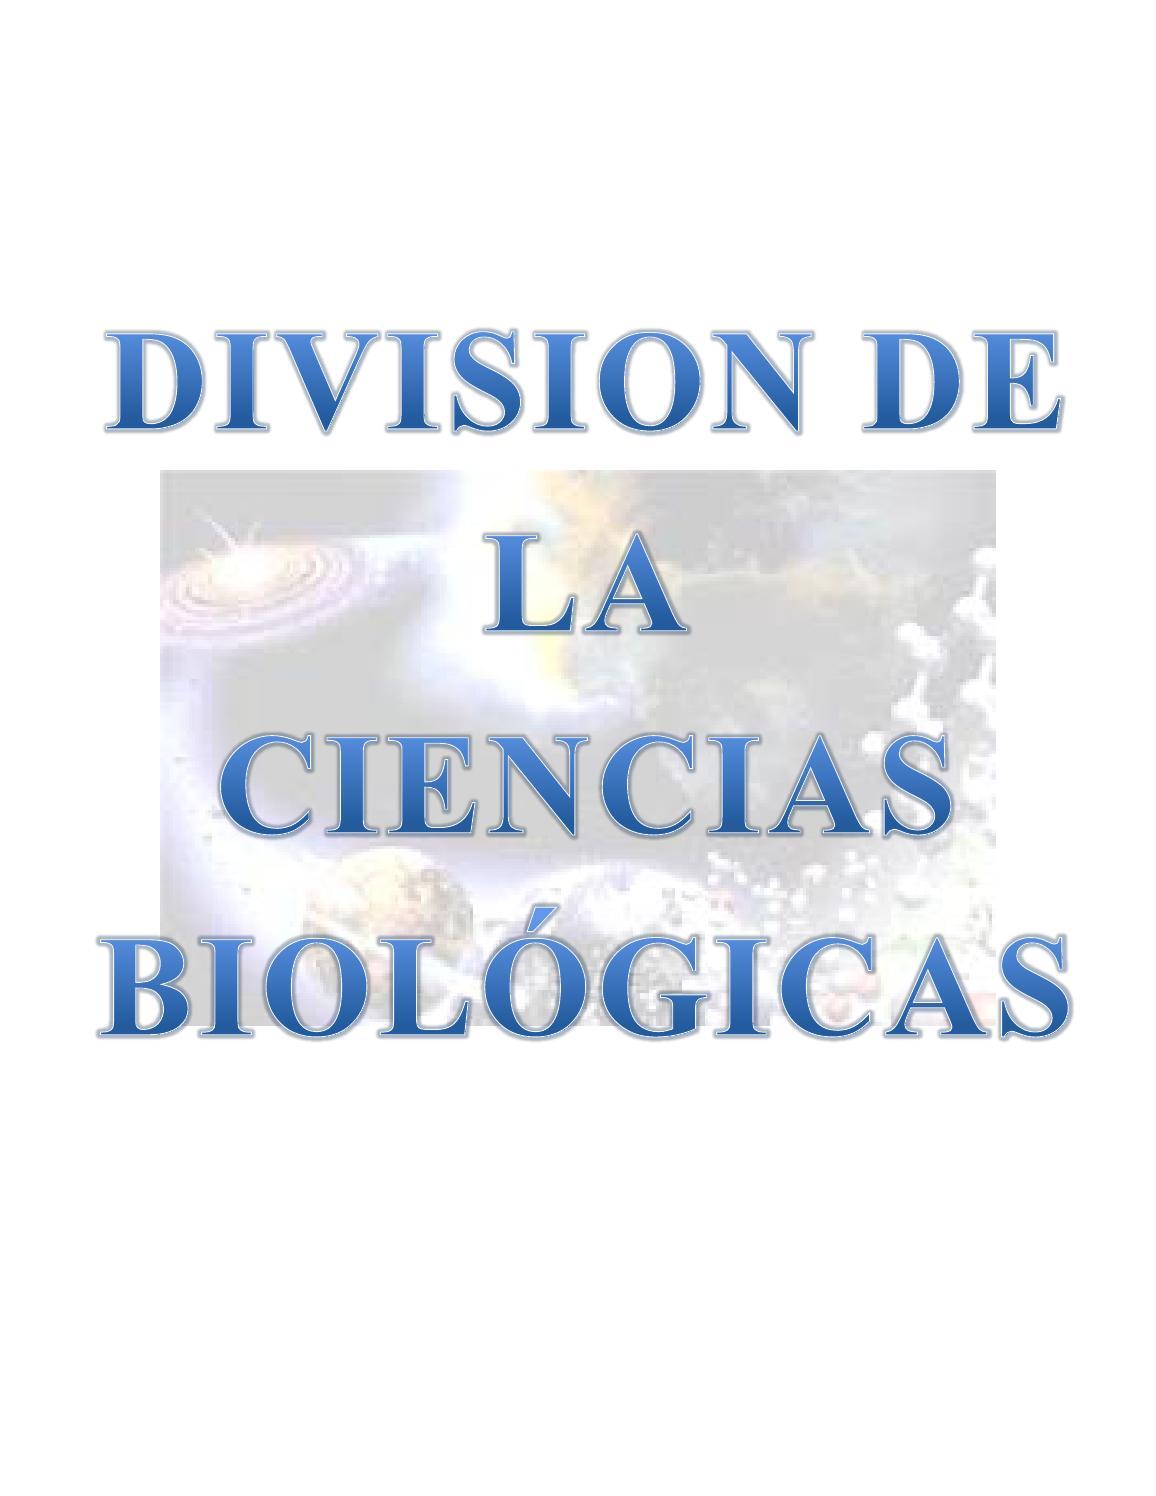 Subdivision De Las Ciencias Biologicas By Carlos Chacon Issuu